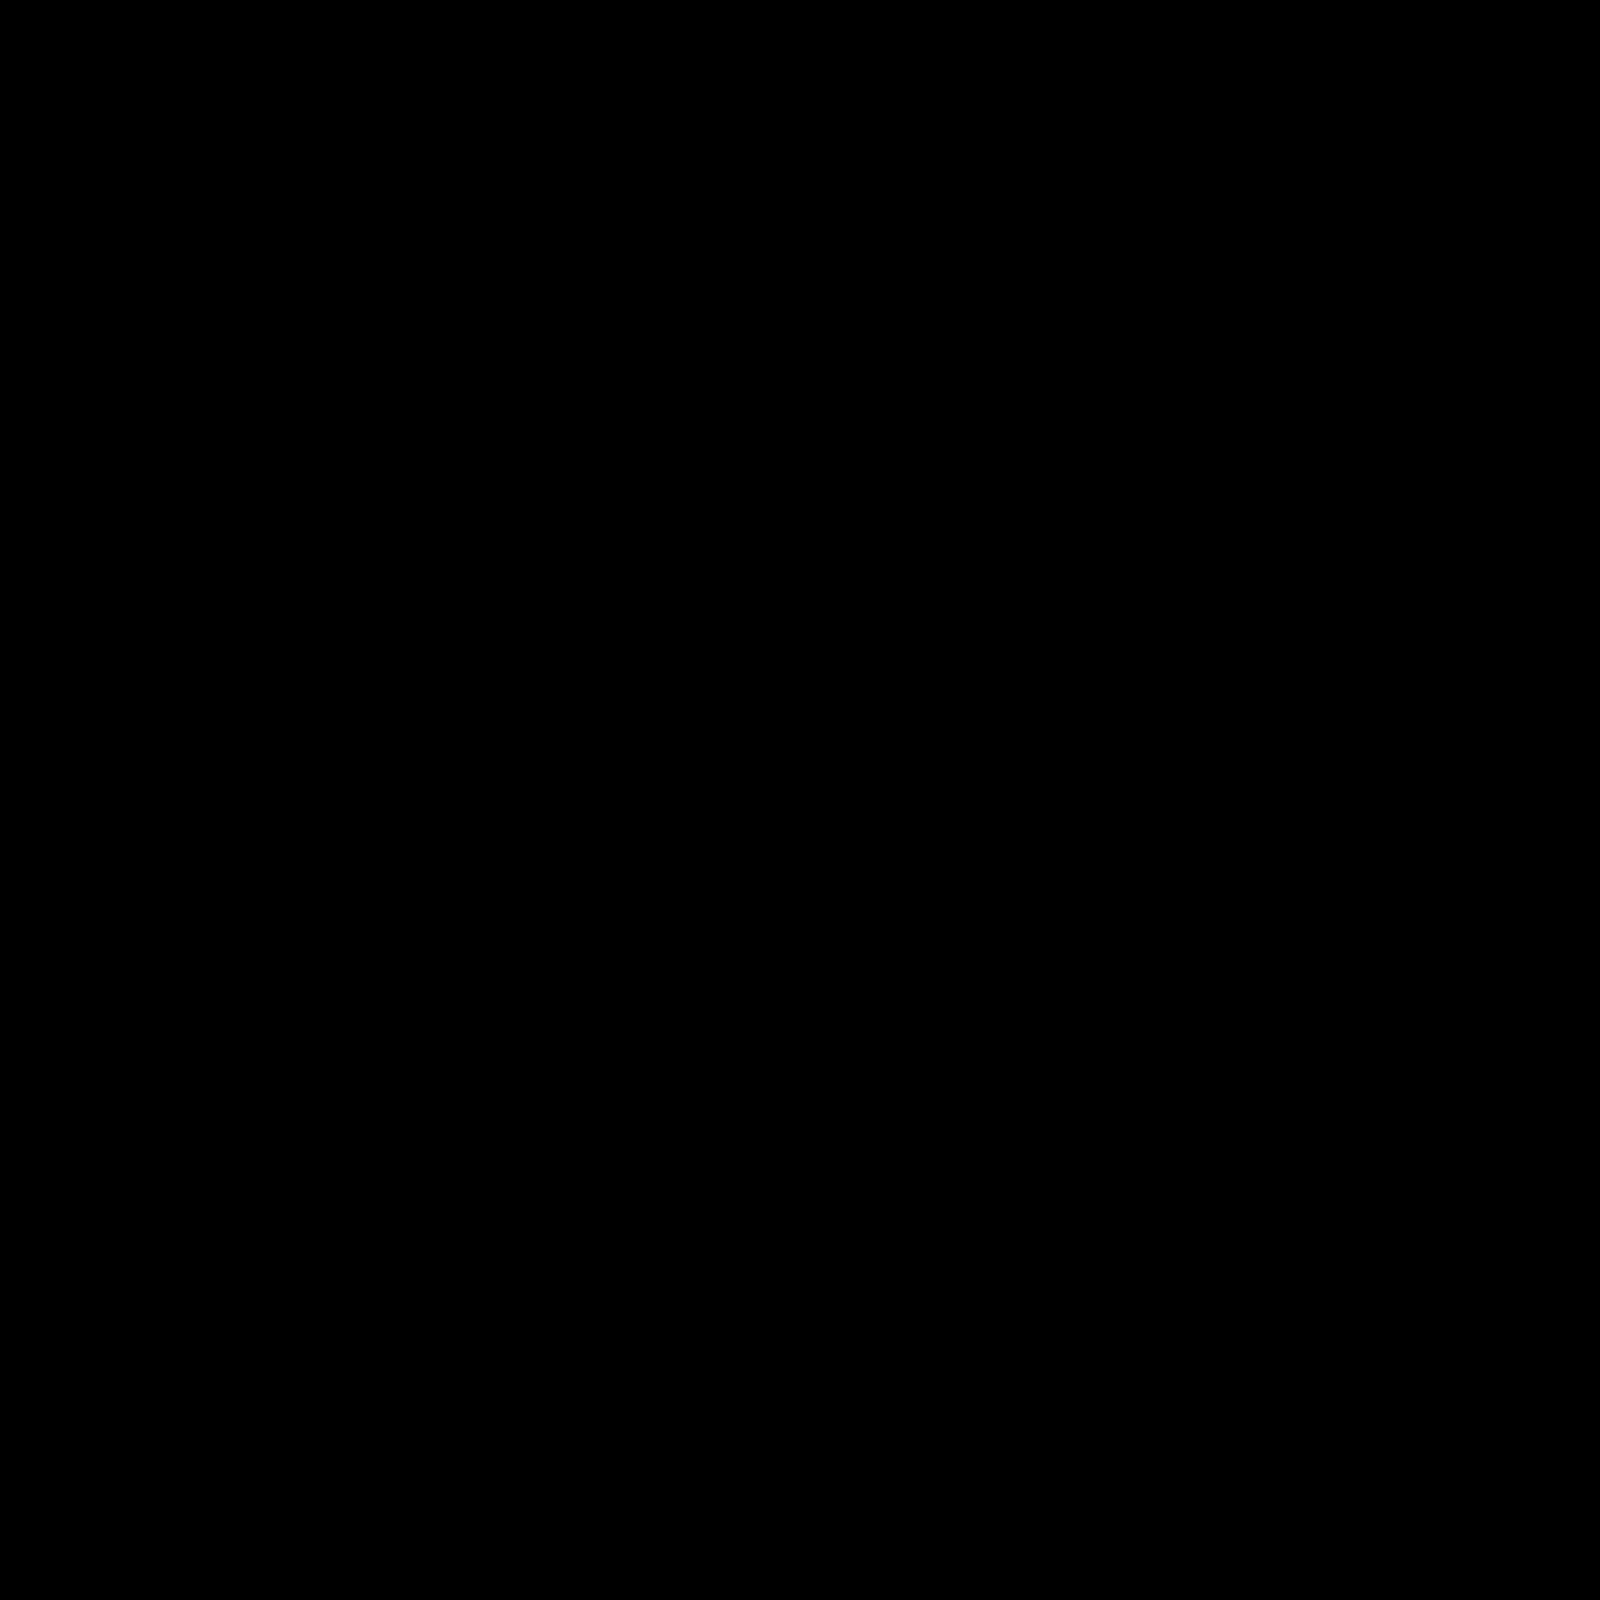 イノベーション icon